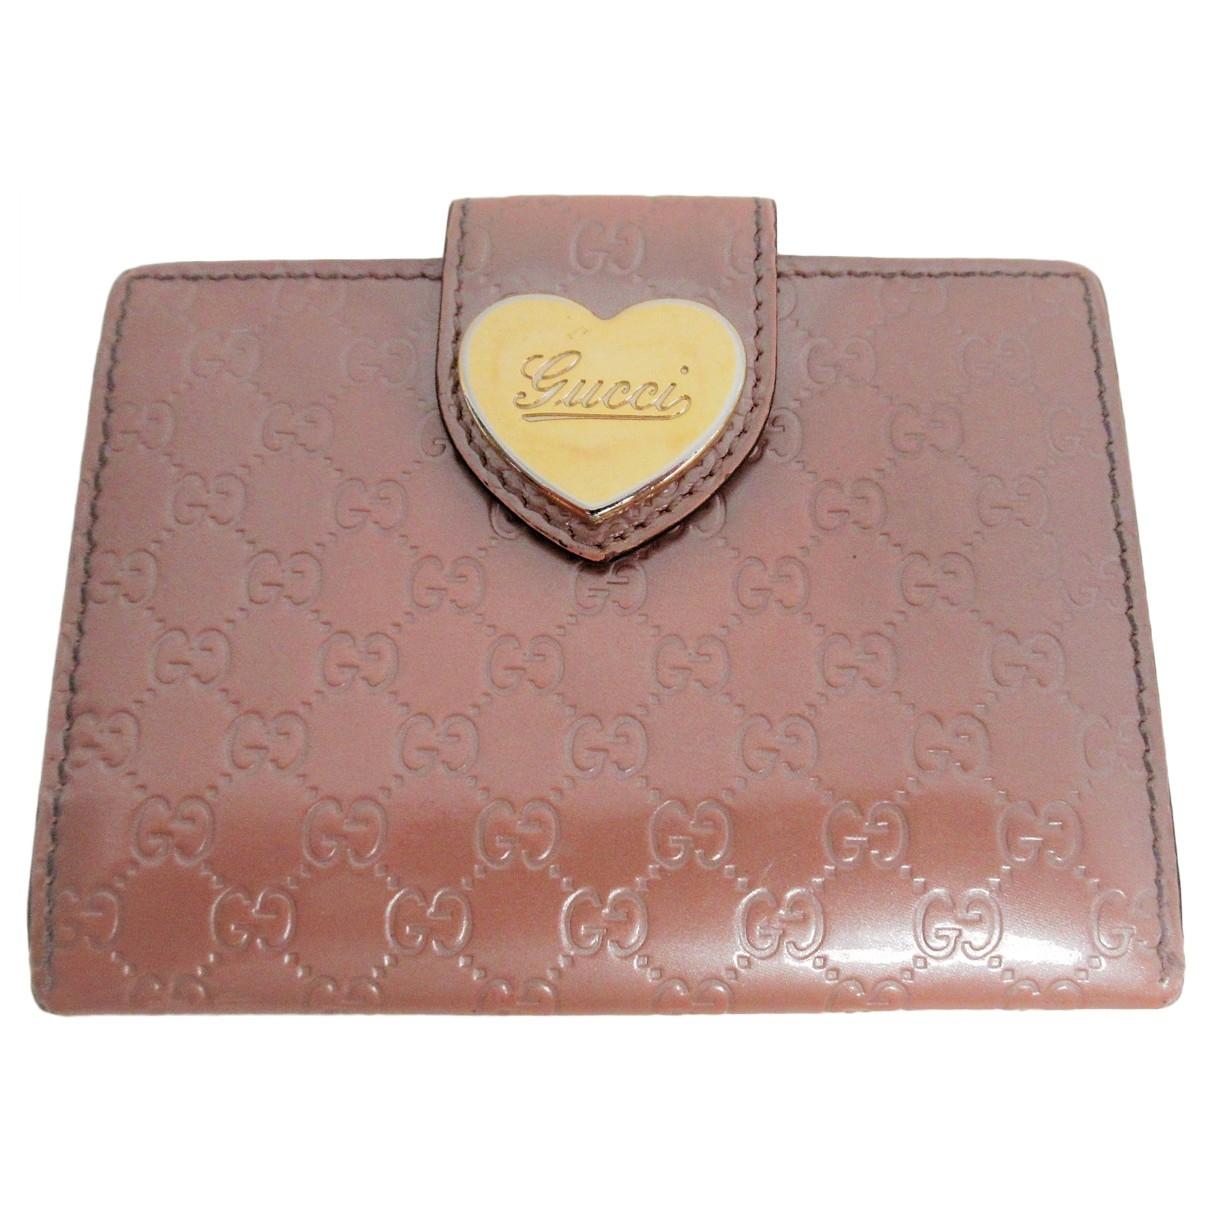 Gucci - Portefeuille   pour femme en cuir verni - rose